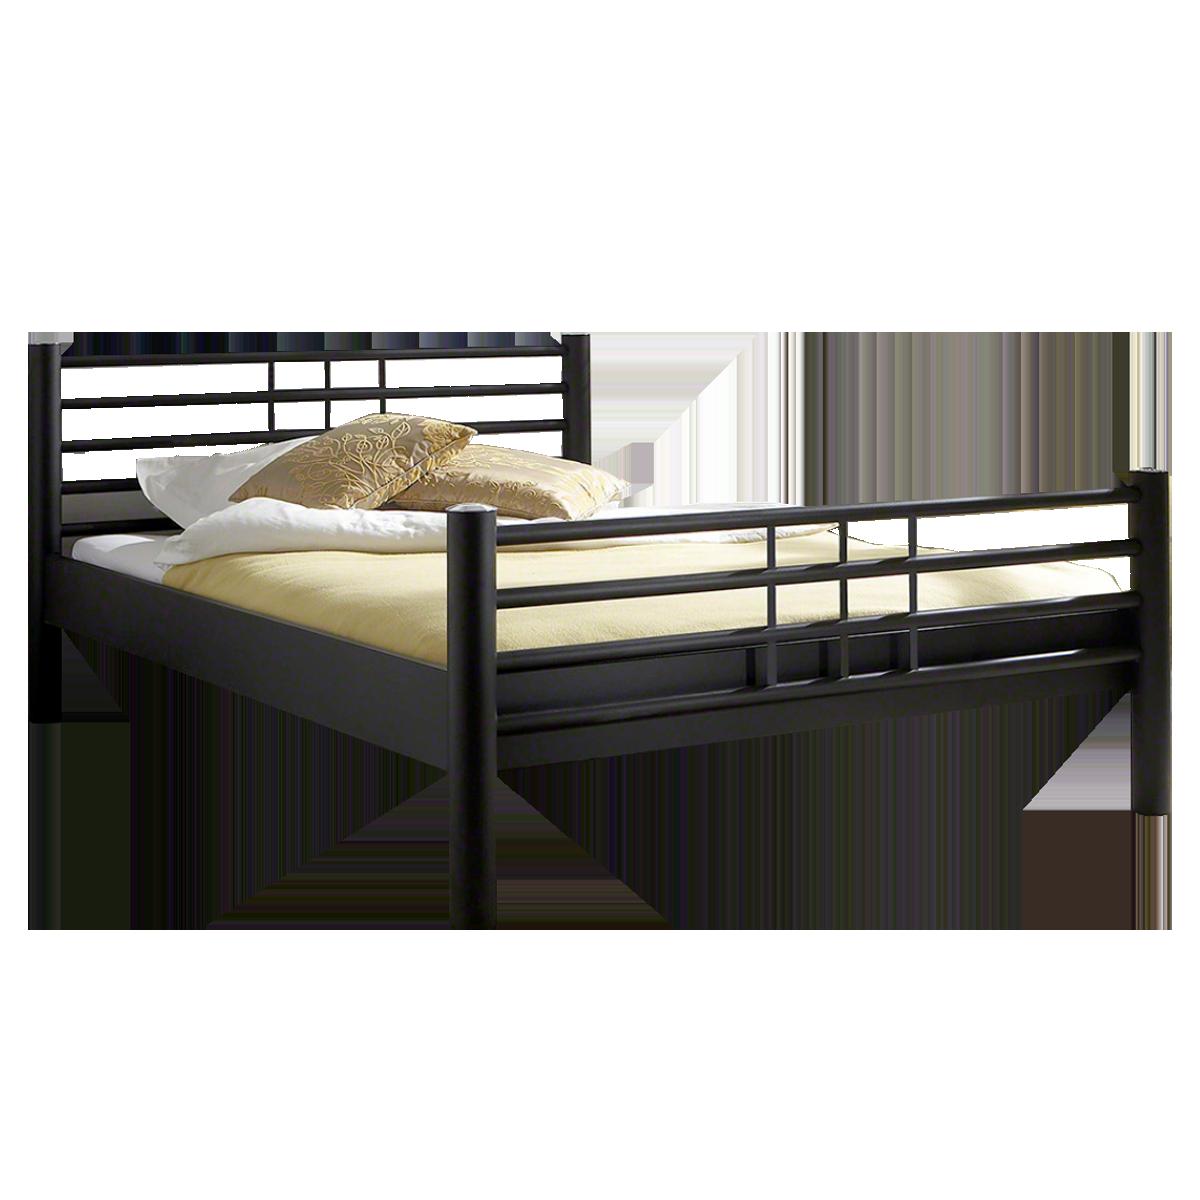 Full Size of Bett Schlicht Dico Mbel Saturn Modernes Metallbett Verschiedene Farbausfhrungen Betten Aus Holz Dormiente Massiv Inkontinenzeinlagen Weißes 140x200 Bett Bett Schlicht